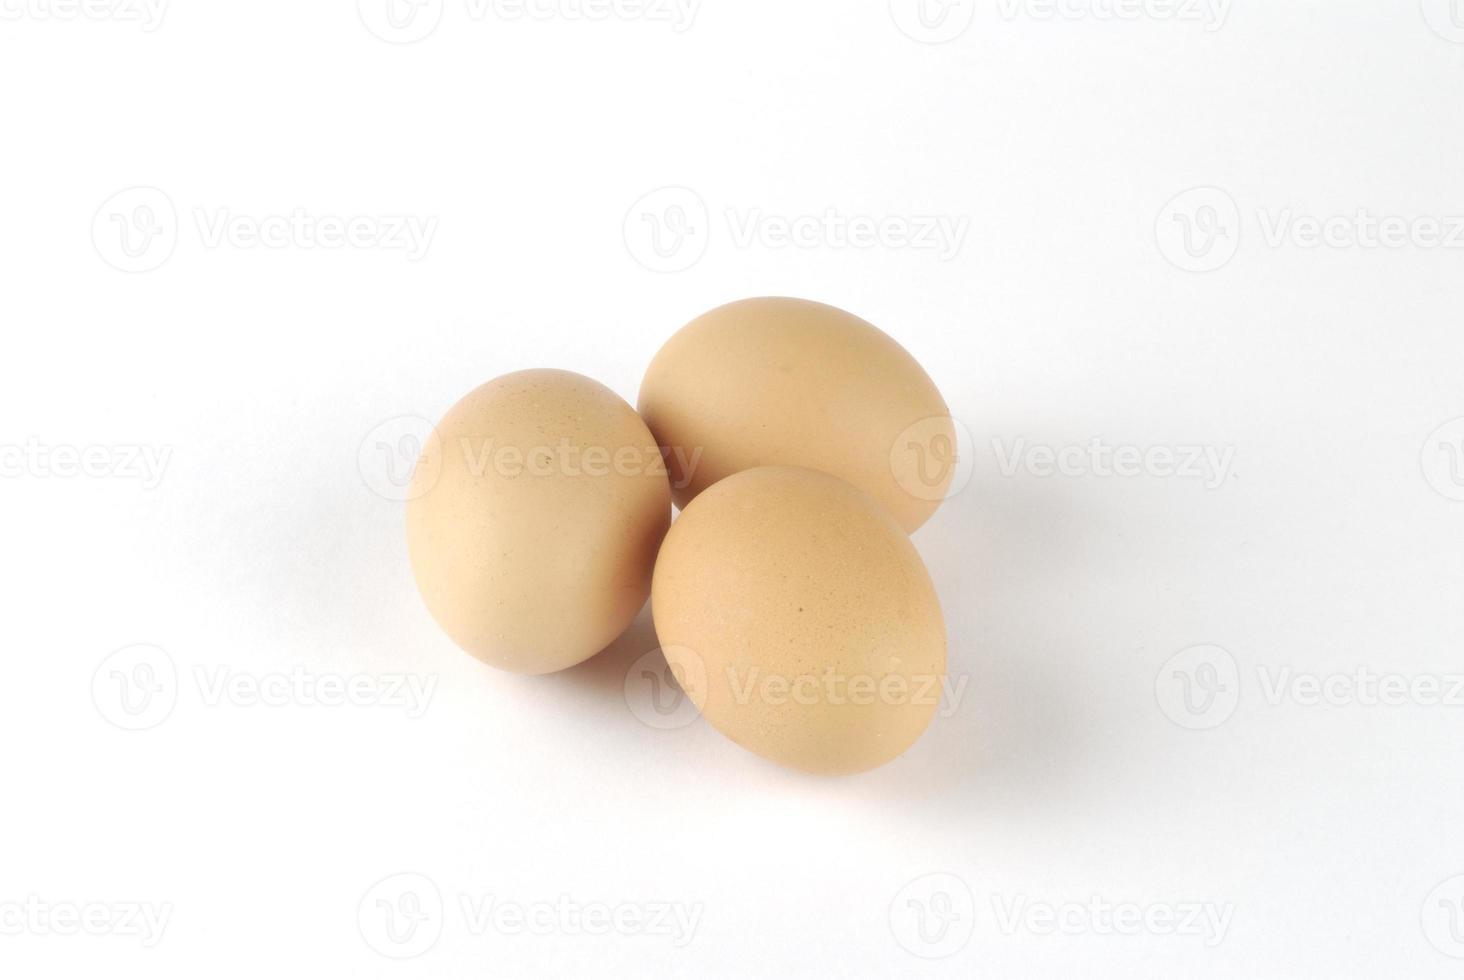 tre uova foto